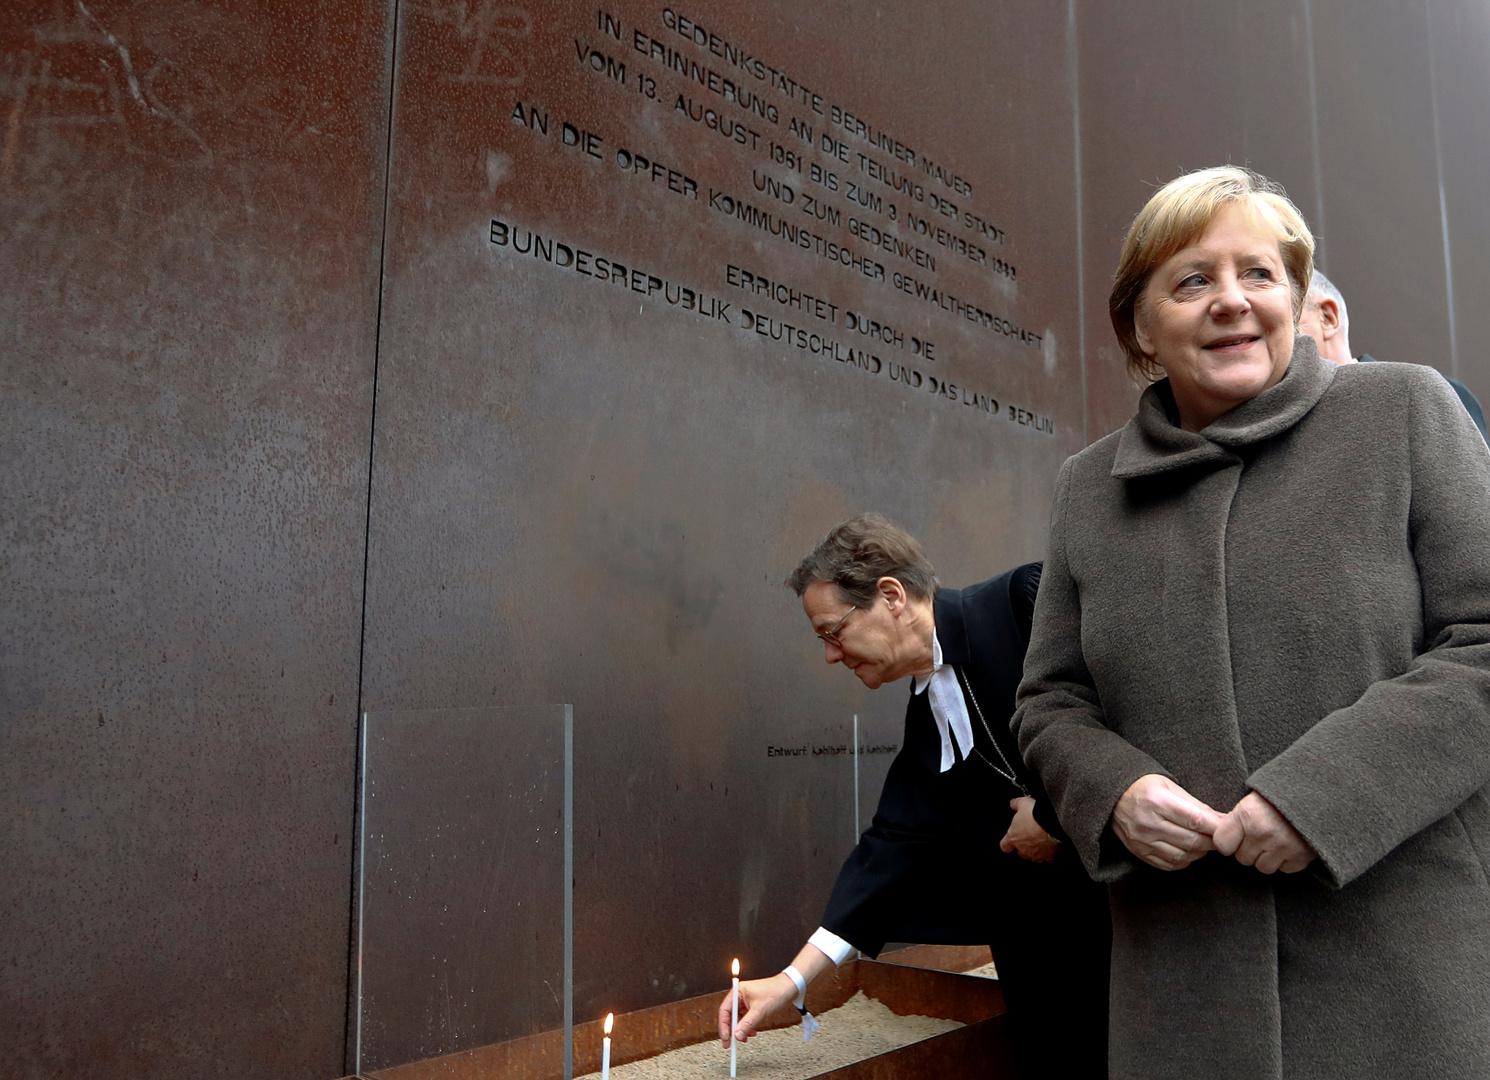 في ذكرى سقوط جدار برلين.. ميركل تدعو لمواجهة الكراهية والعنصرية ومعاداة السامية